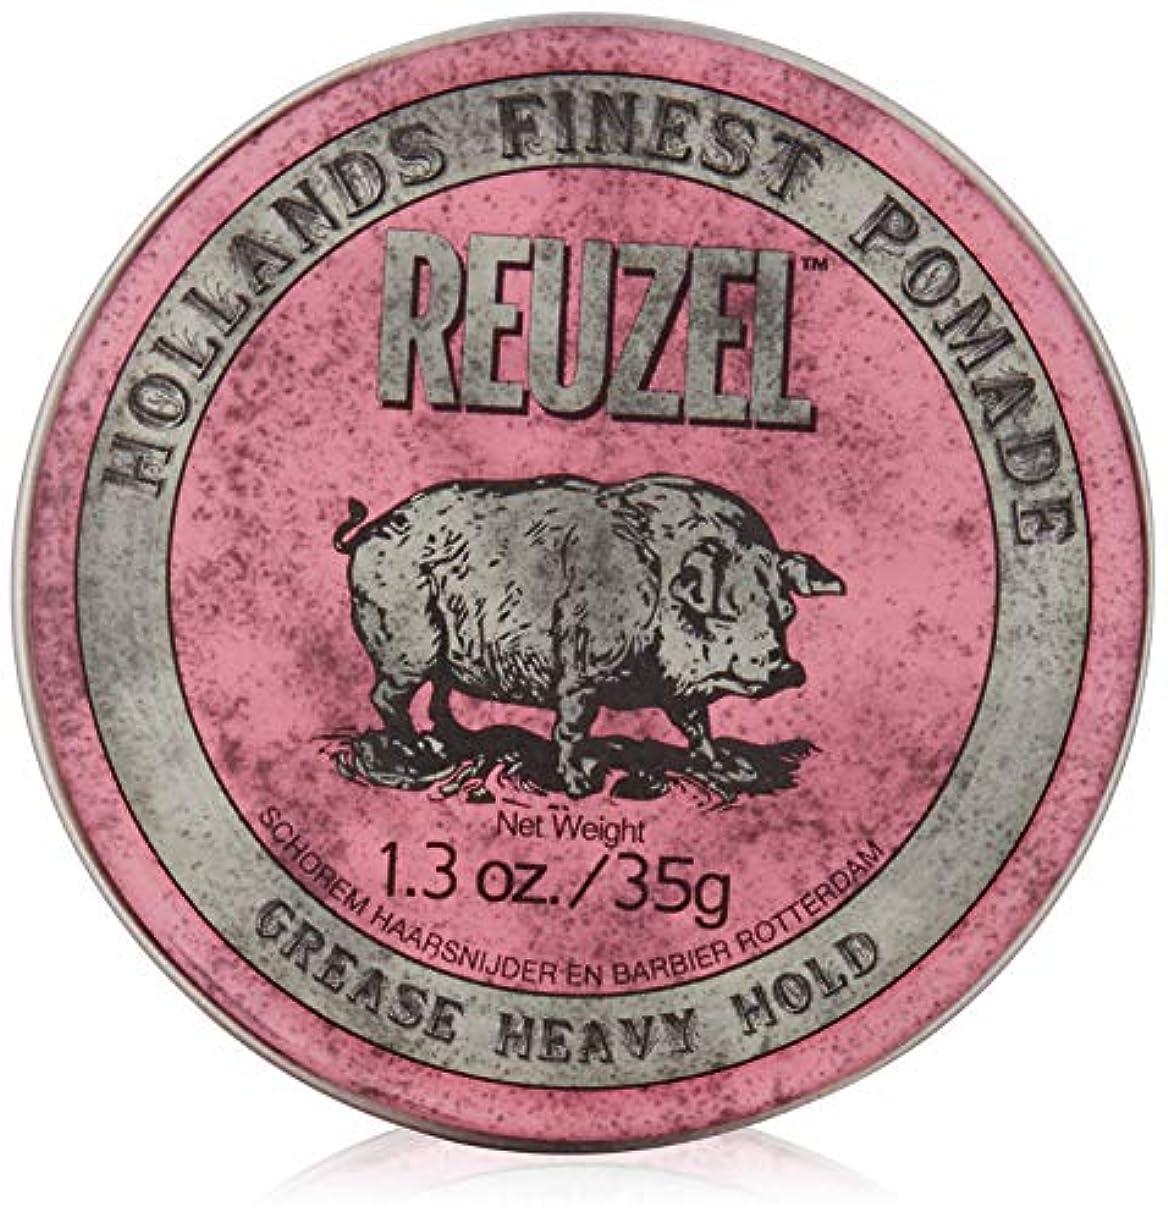 背の高い裏切る公爵夫人REUZEL INC Reuzelミディアムシーンポマード、1.3オンス 0.2 ピンク